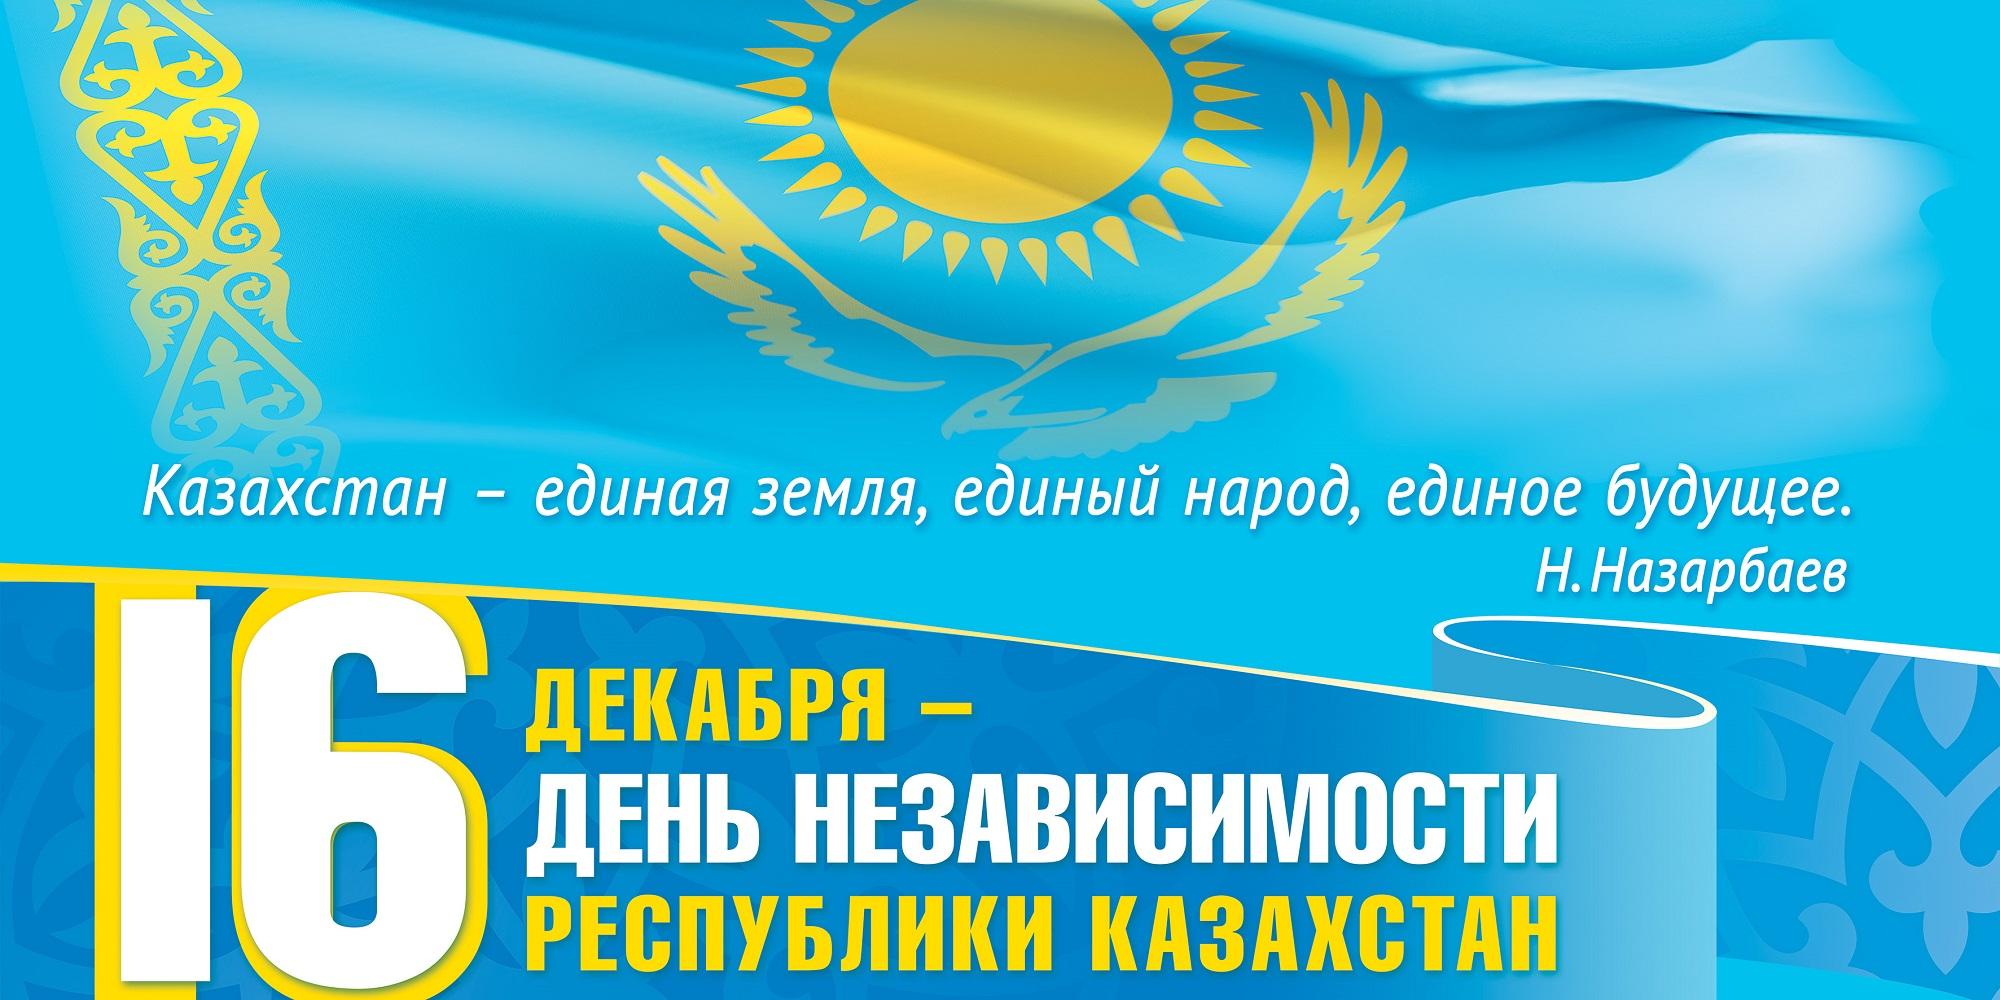 Открытка день независимости республики казахстан, моей